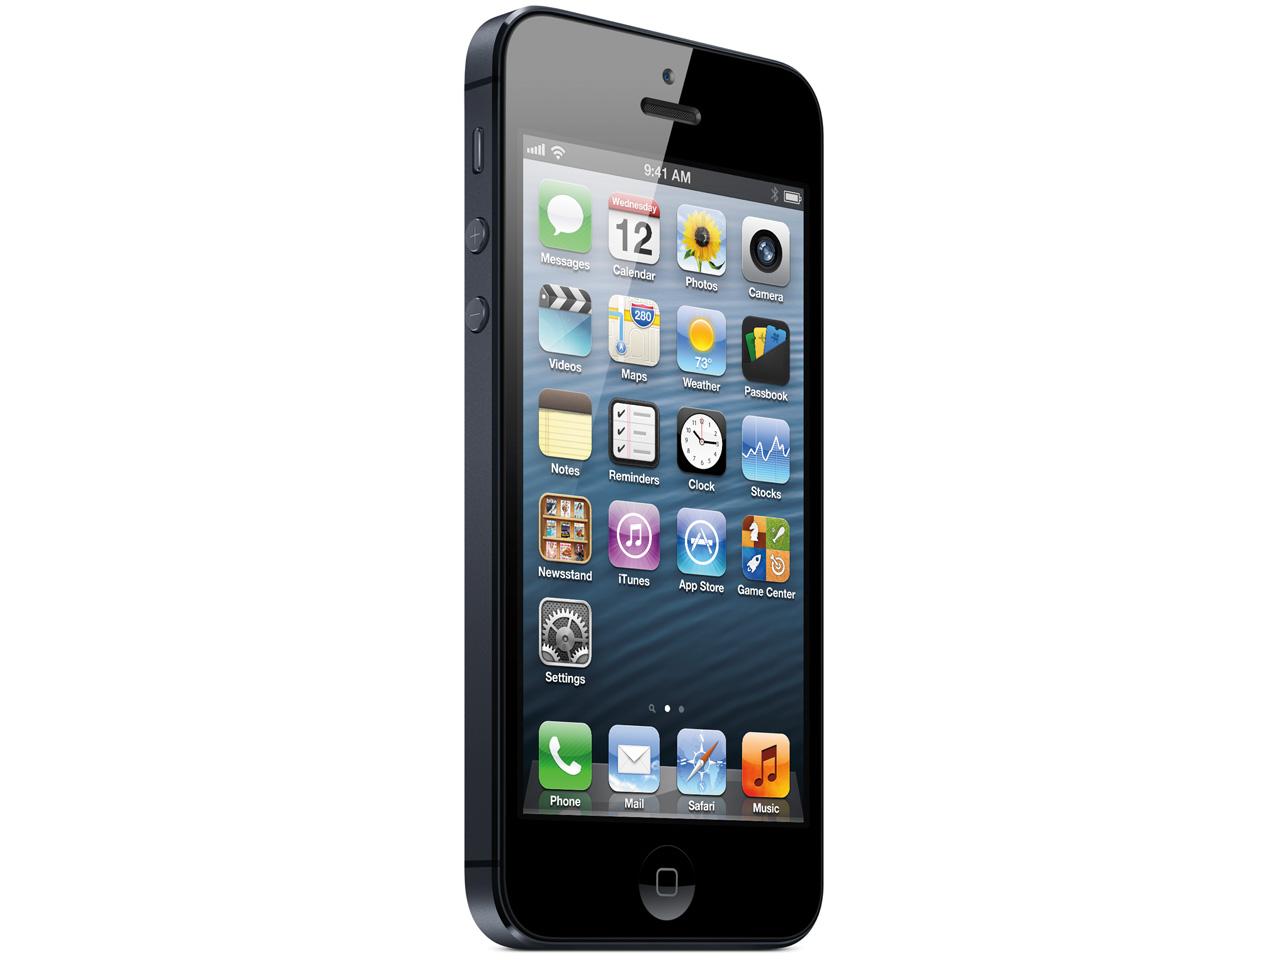 『本体 正面 斜め』 iPhone 5 64GB SoftBank [ブラック&スレート] の製品画像